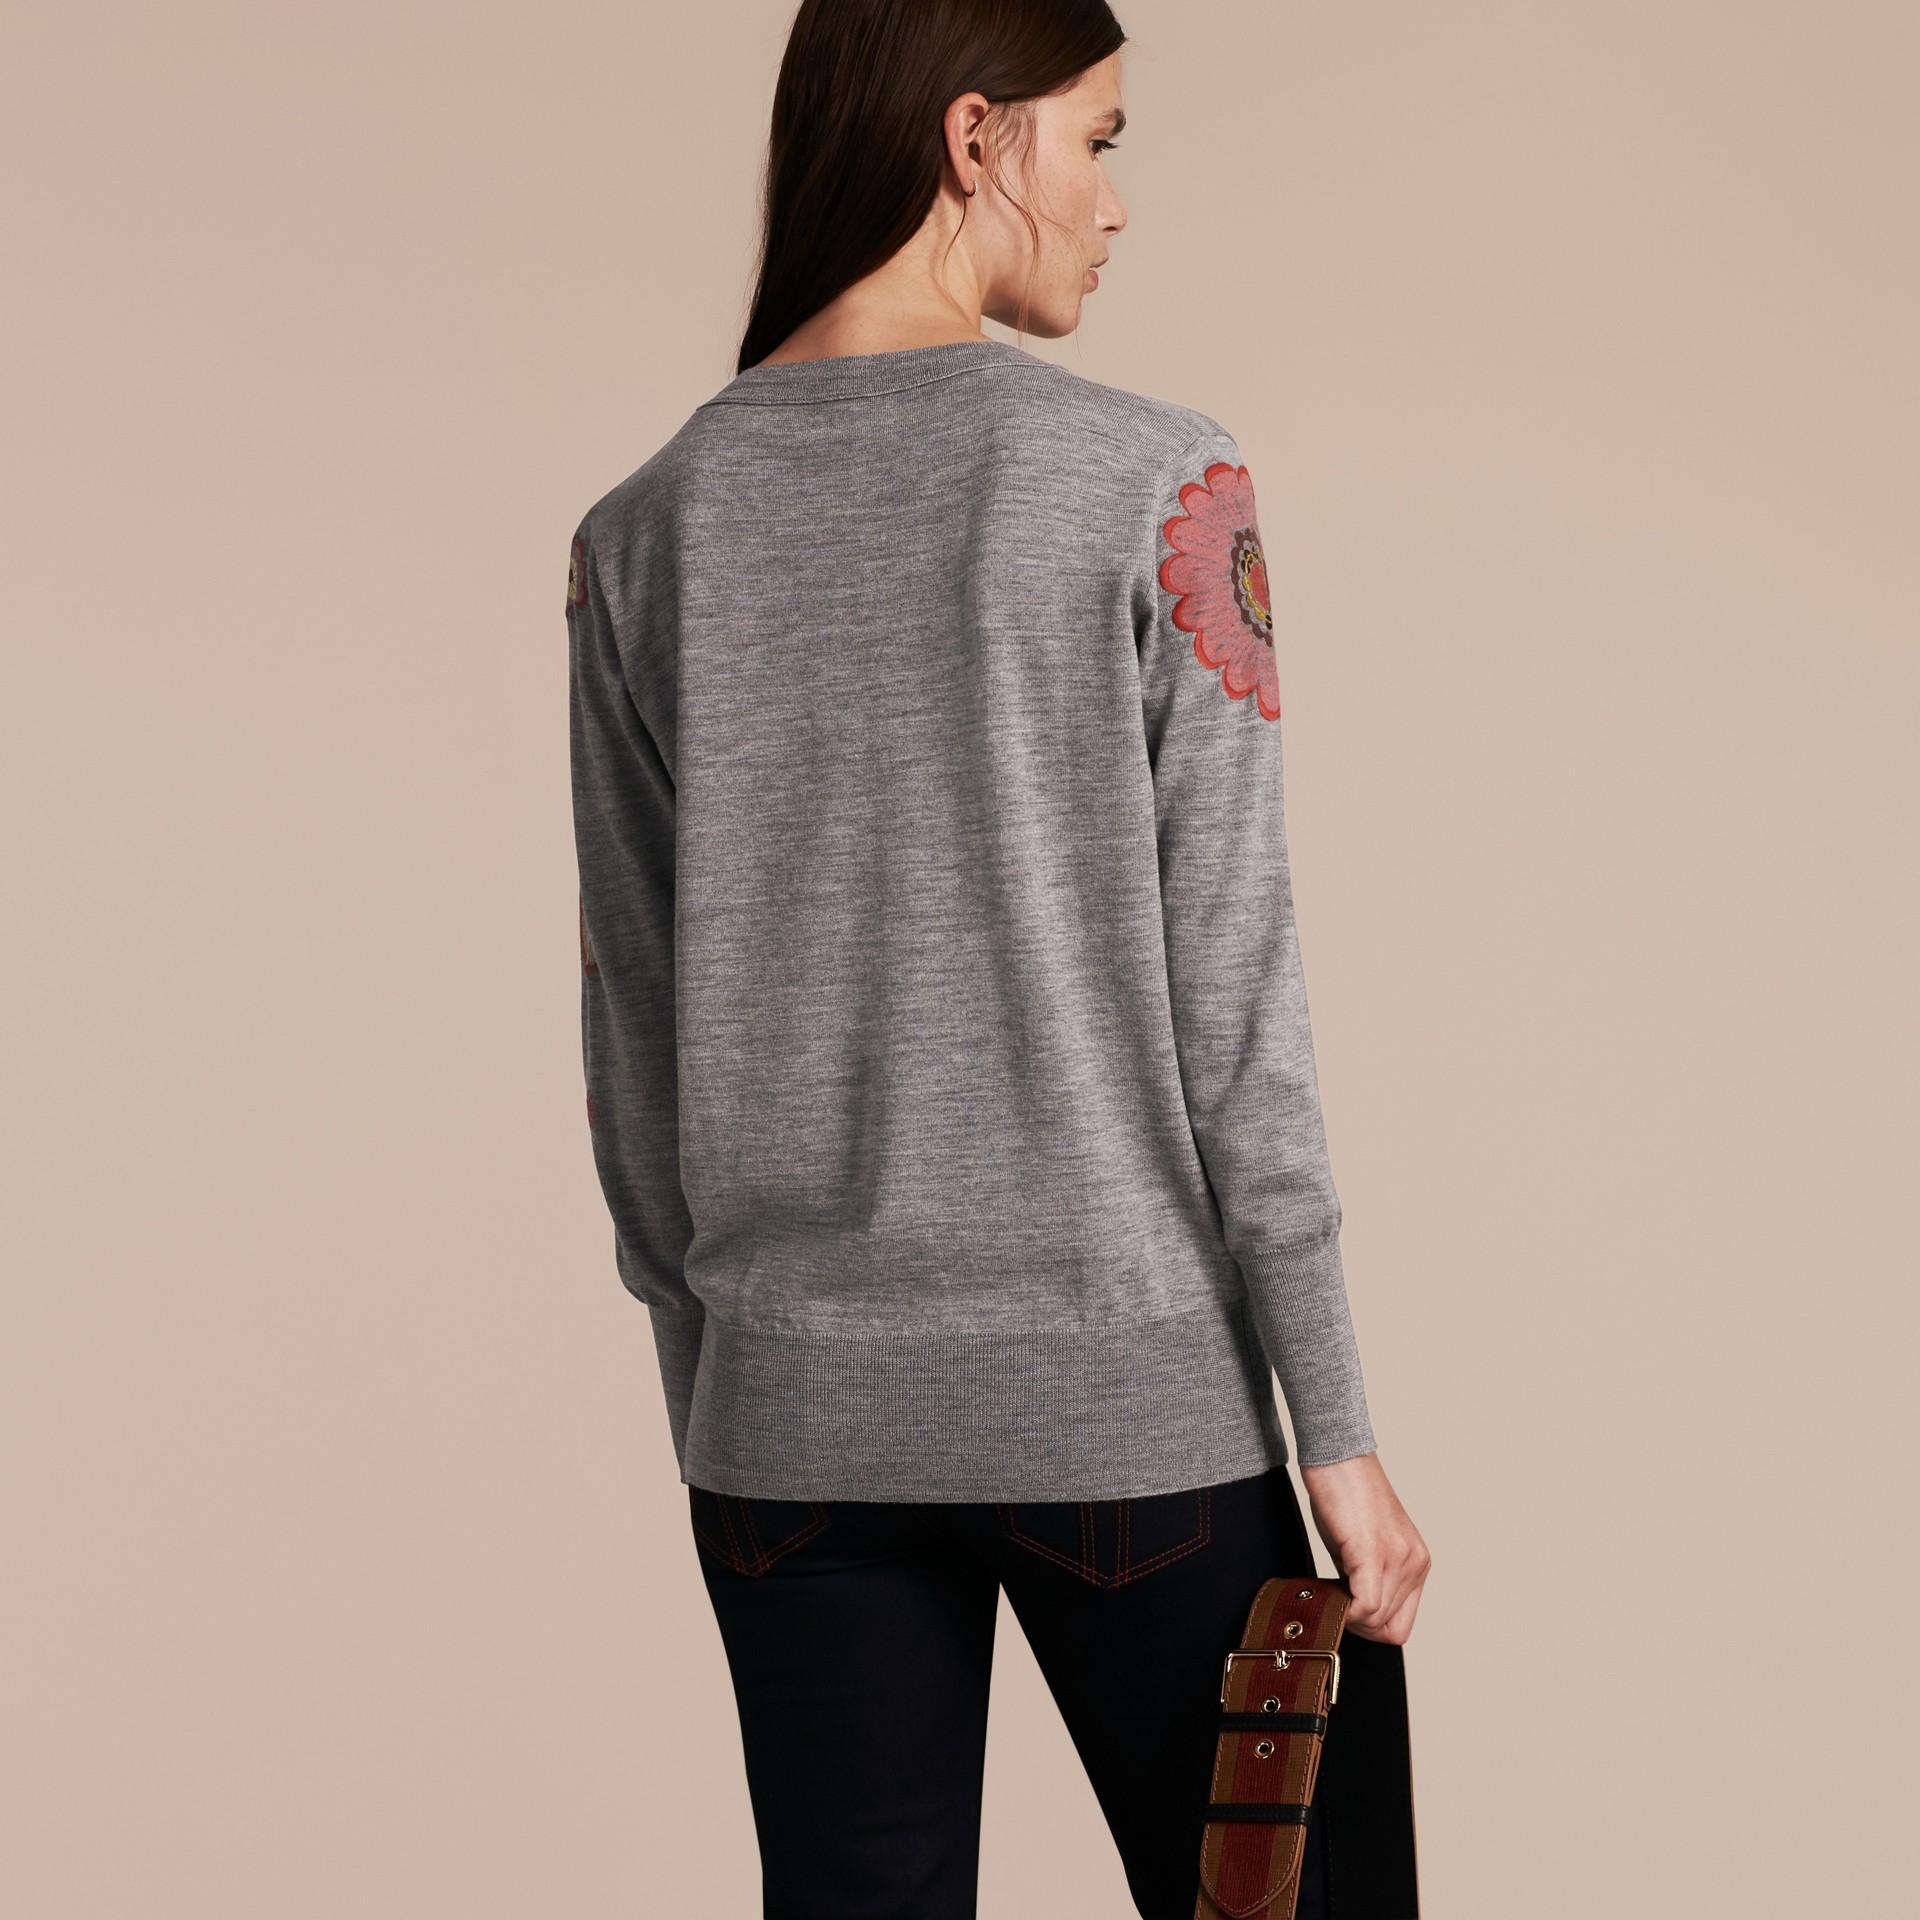 Grigio medio mélange Pullover in lana Merino con scollo a V e decorazione floreale - immagine della galleria 3